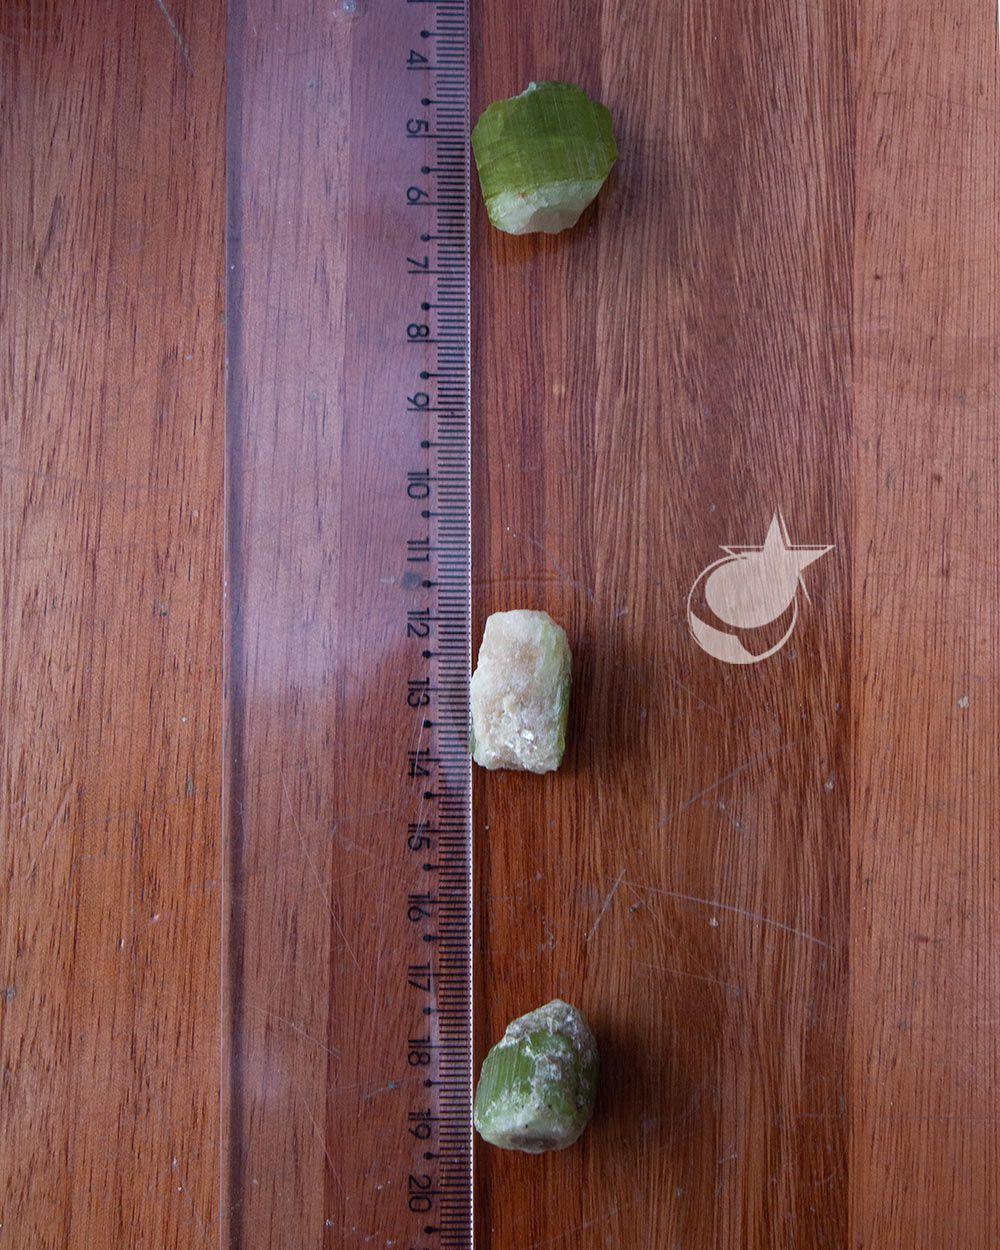 TURMALINA MELANCIA BRUTA - UNIDADE -  2 a 2,3 cm (6 a 8g)